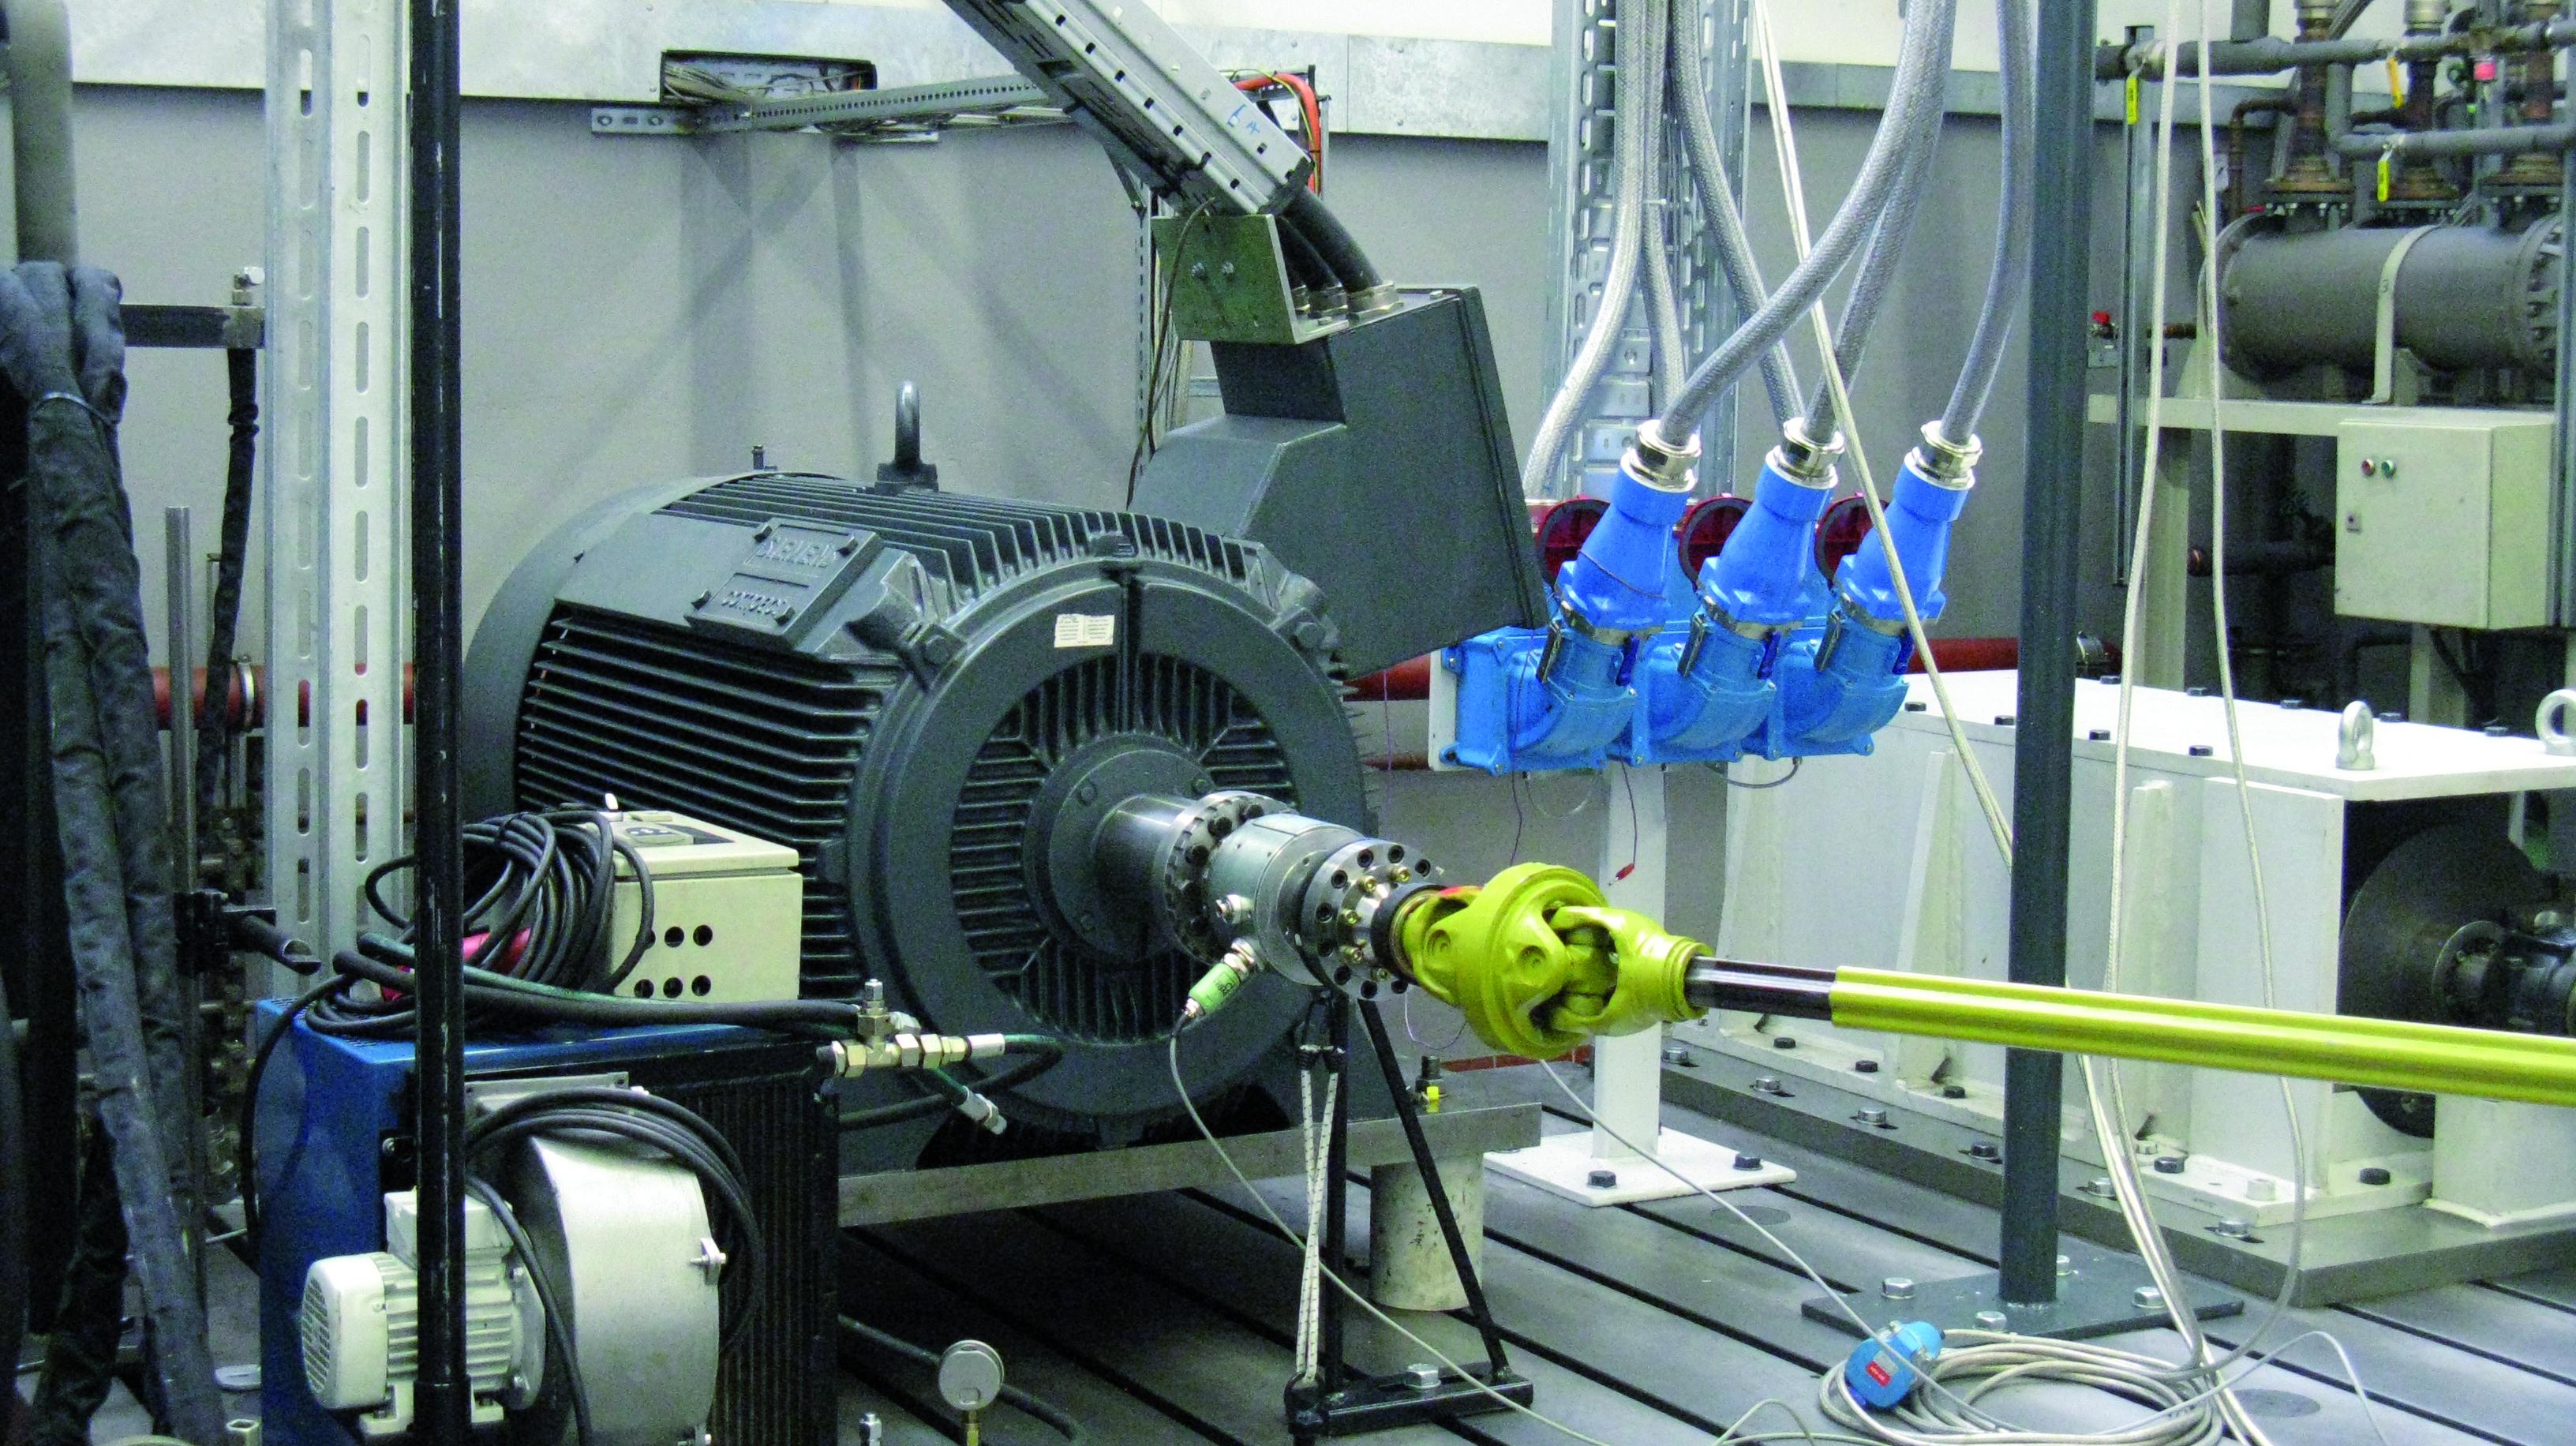 branchement moteur 3 phases Prise Electrique industrielle Maréchal Electrique